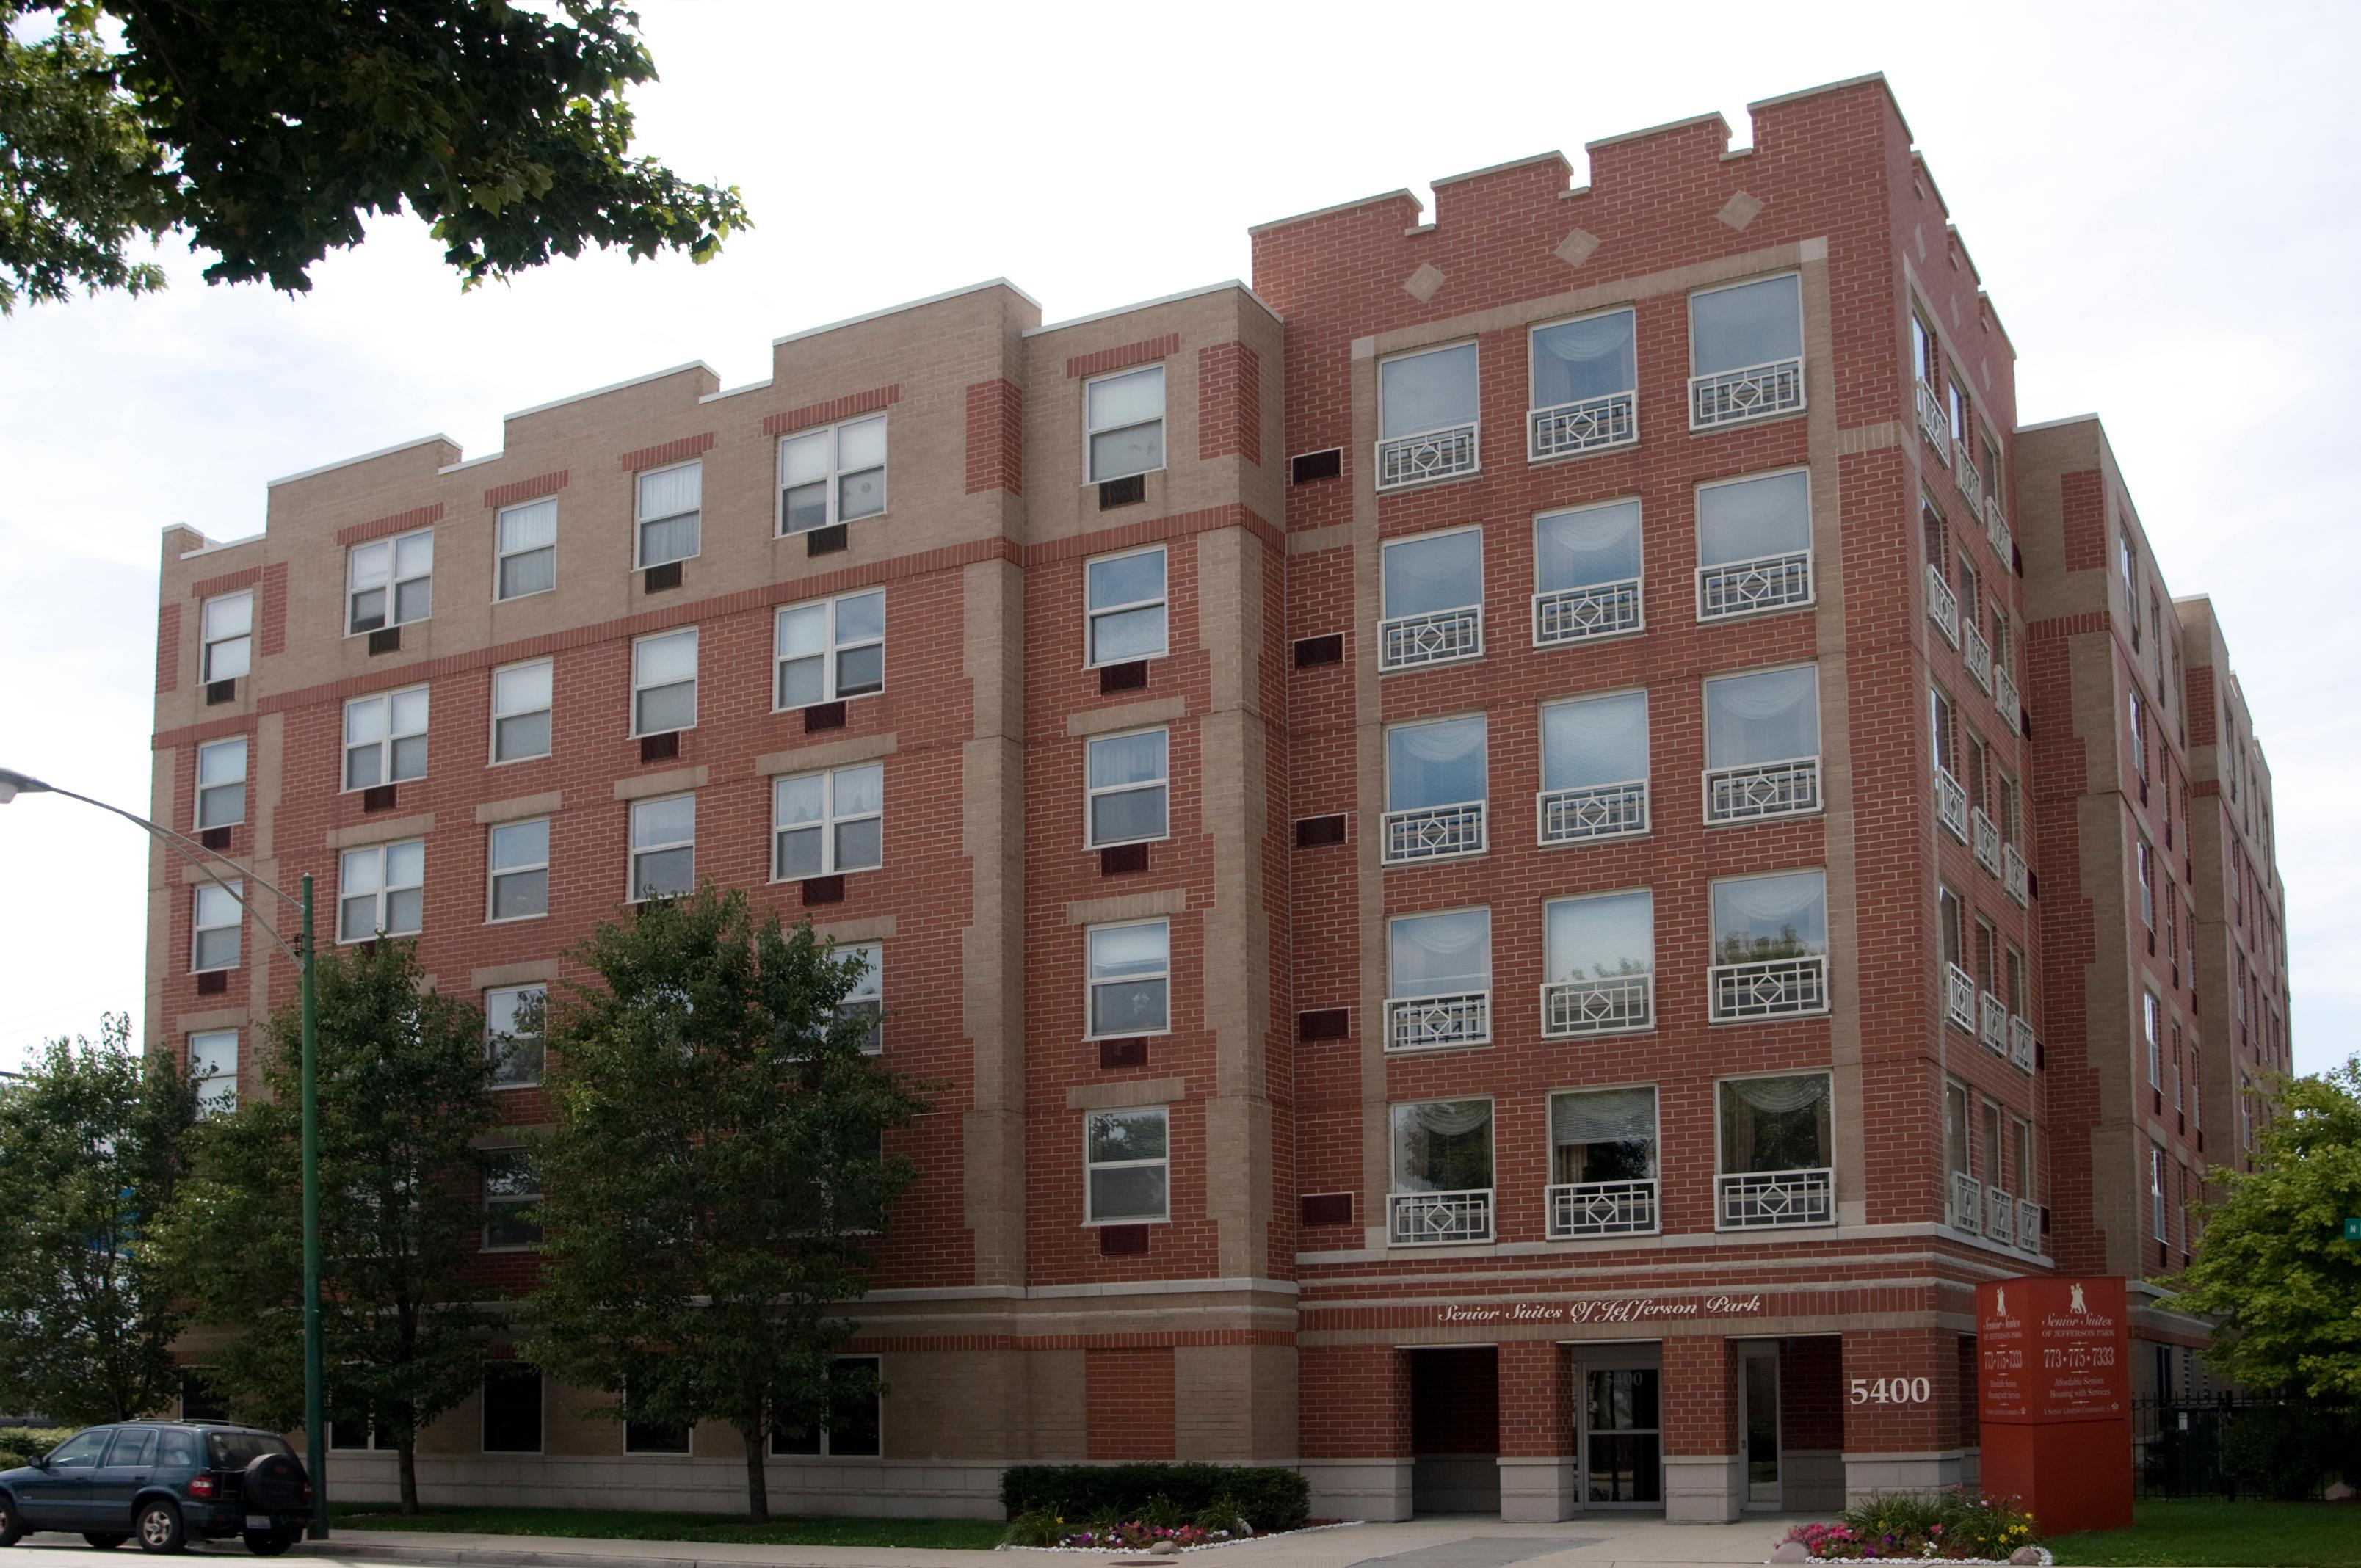 Senior Suites of Jefferson Park